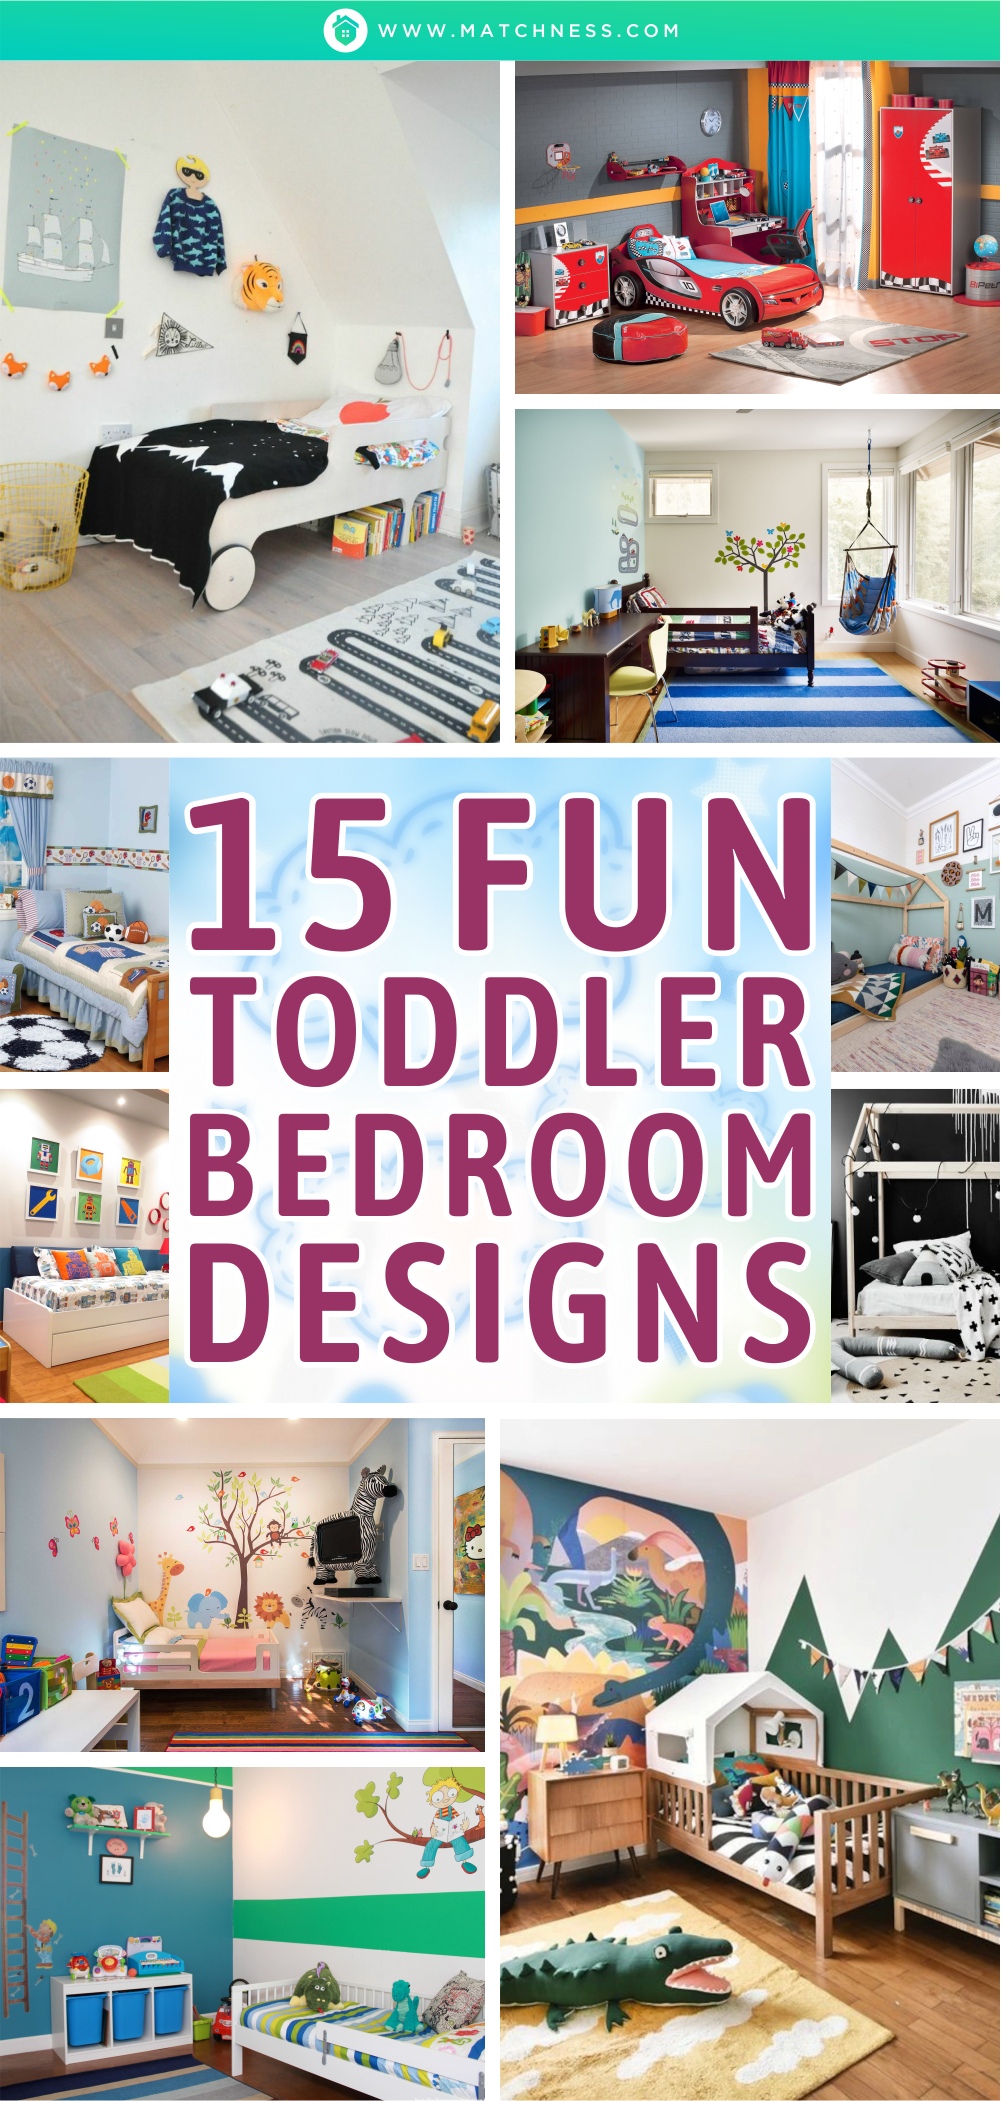 15 lustige Kleinkind-Schlafzimmer-Designs1